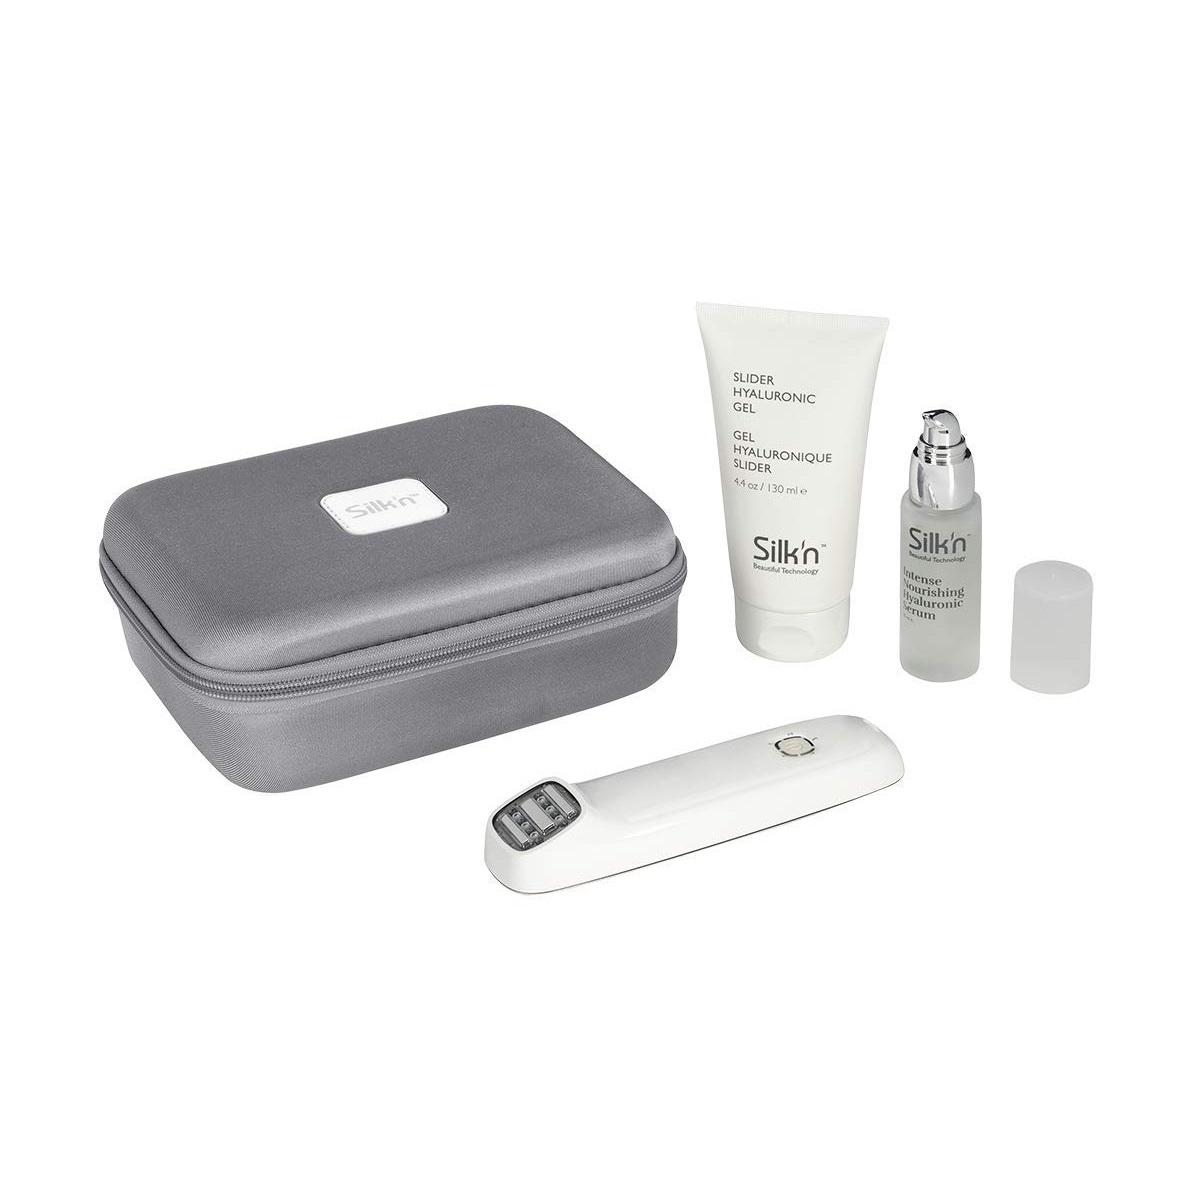 Silk'n FaceTite 1代三源射频美容仪+凝胶+保湿精华套装